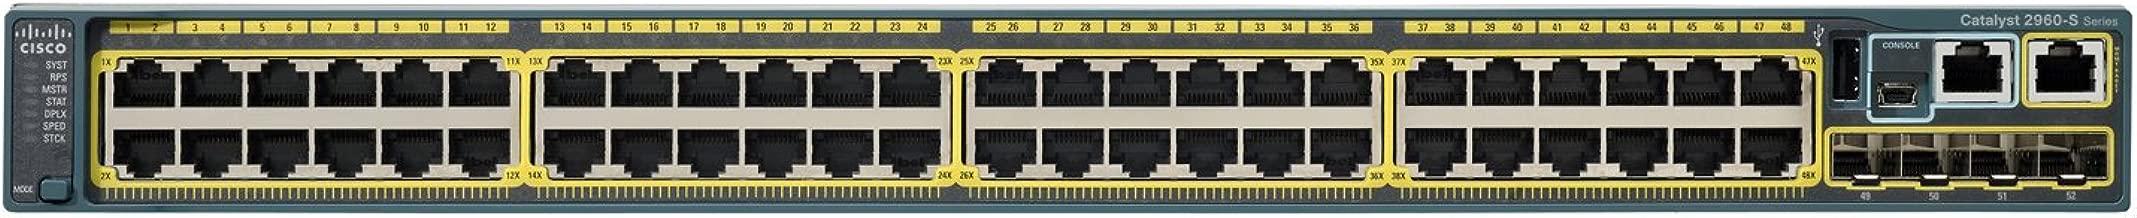 cisco sf200-48